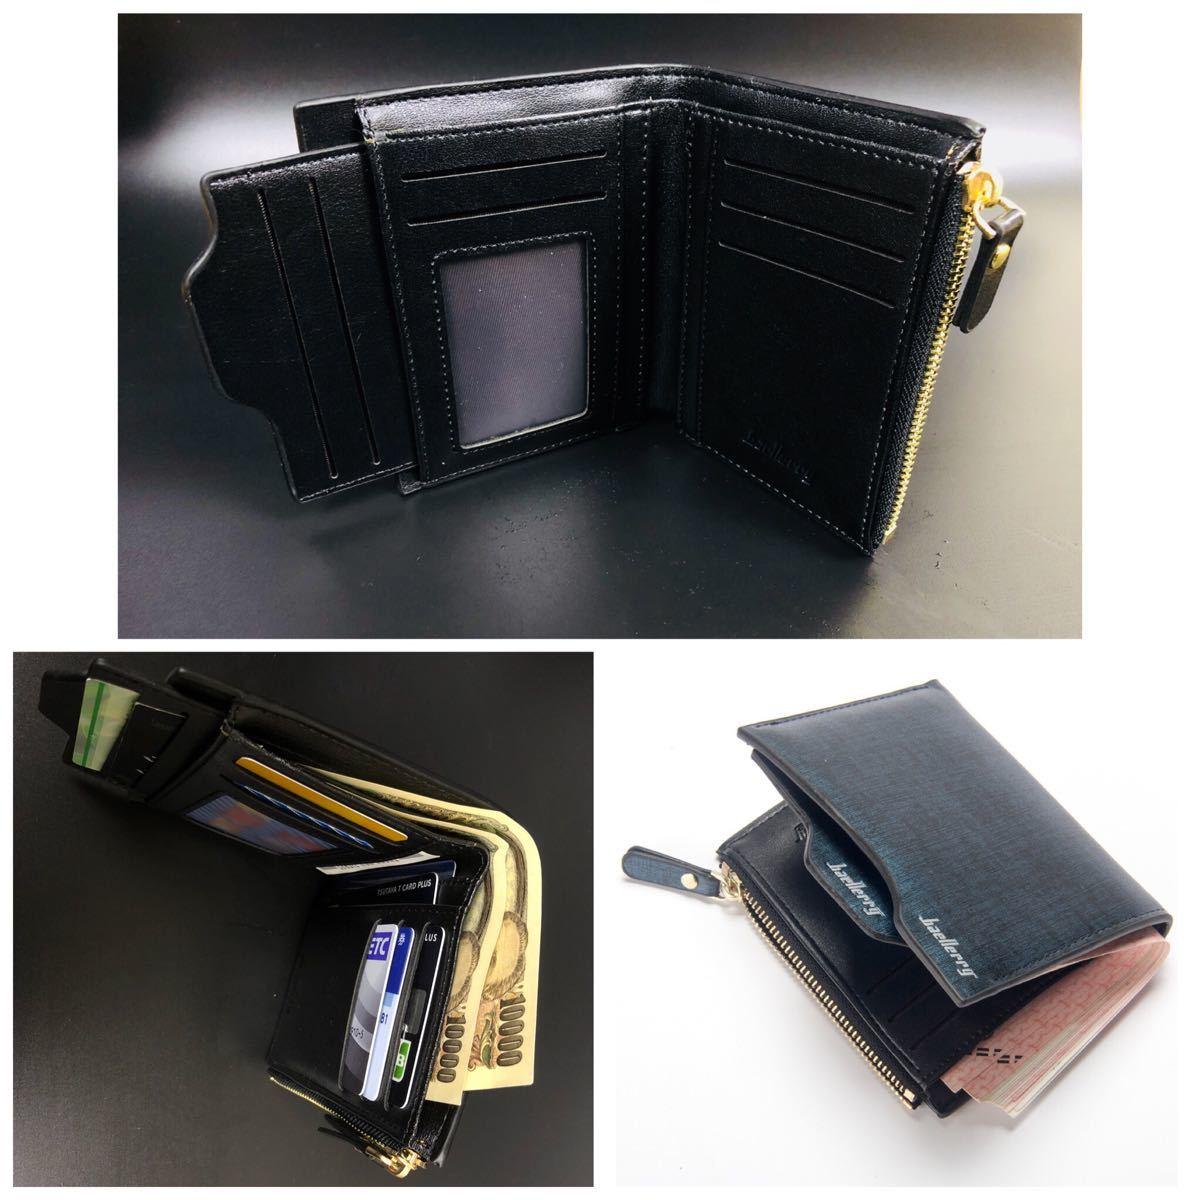 財布 二つ折り財布 レザー 革 お札入れ 小銭入れ カード入れ 名刺入れ 収納ケース コンパクト カード収納 ブラックネイビー 送料無料 20_画像4